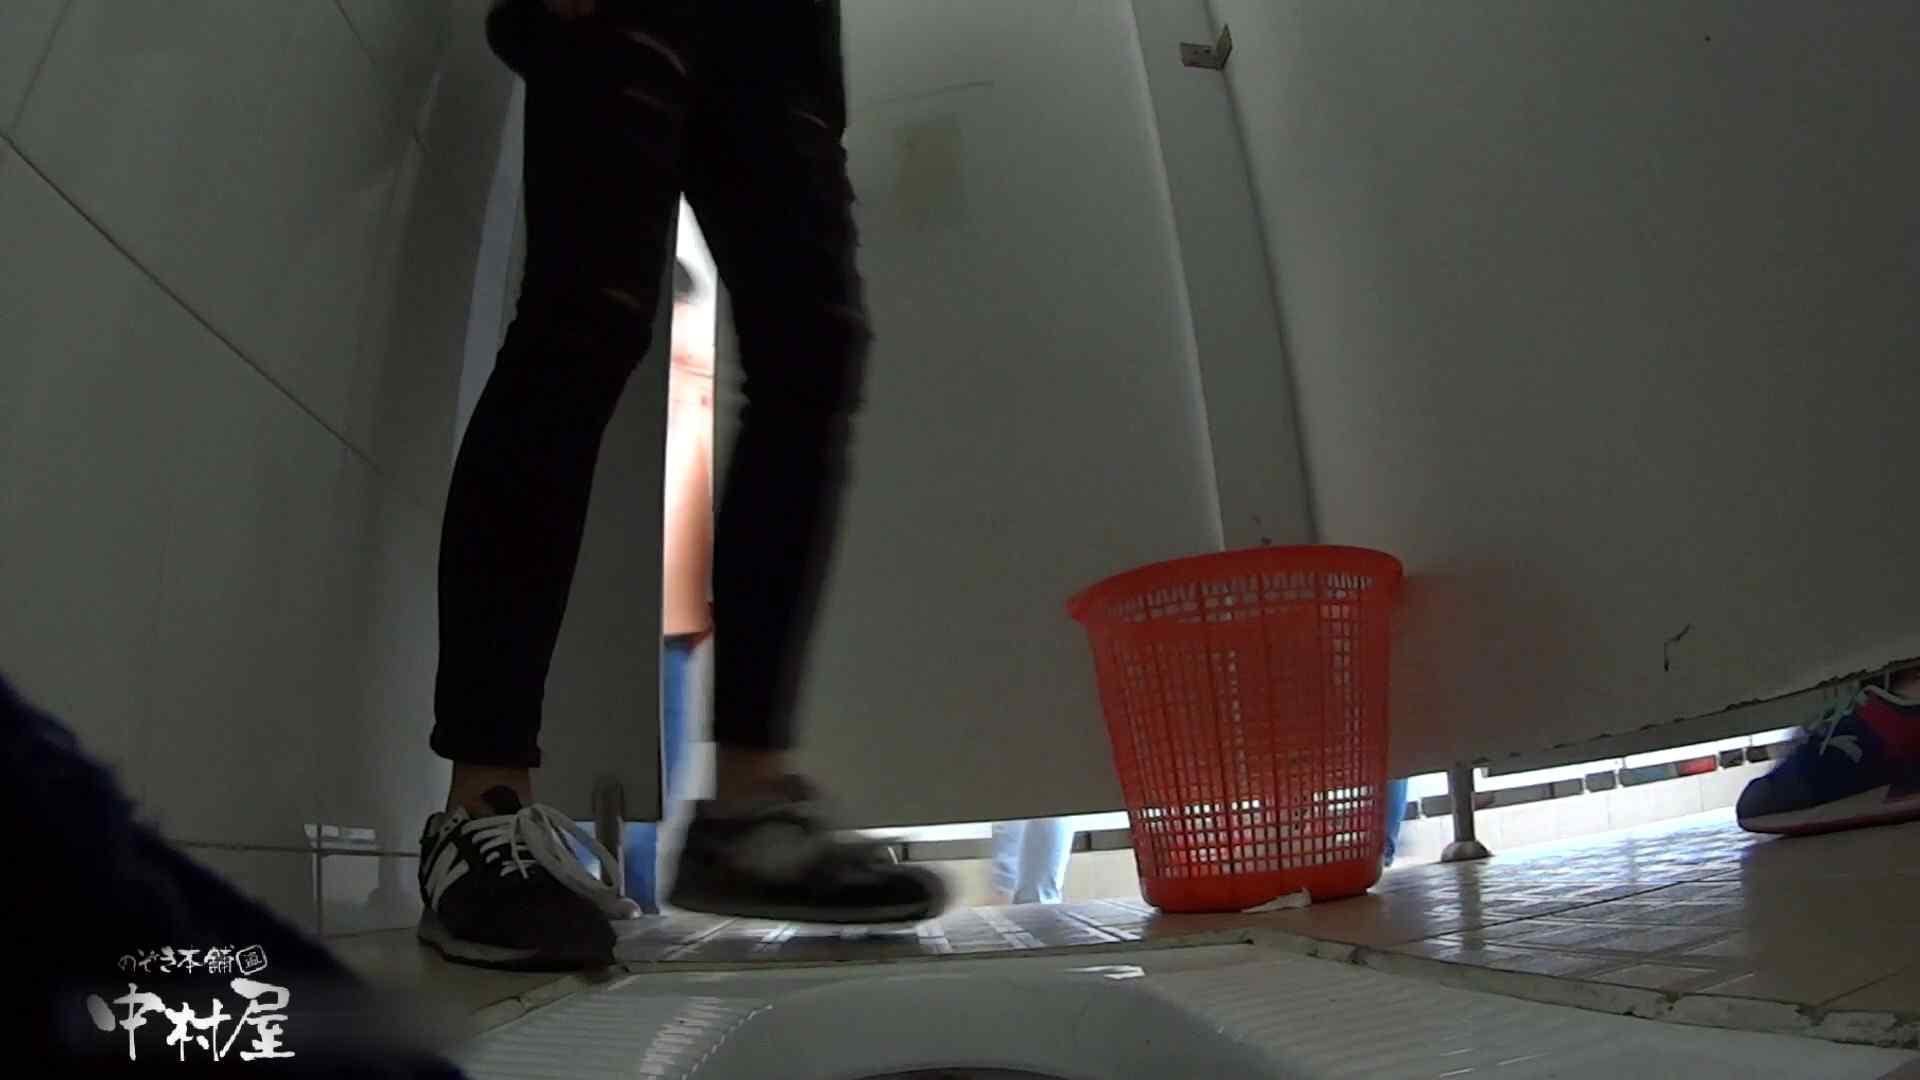 色気のある眼鏡さんの放nyo大学休憩時間の洗面所事情28 洗面所 | Hなお姉さん  78pic 19